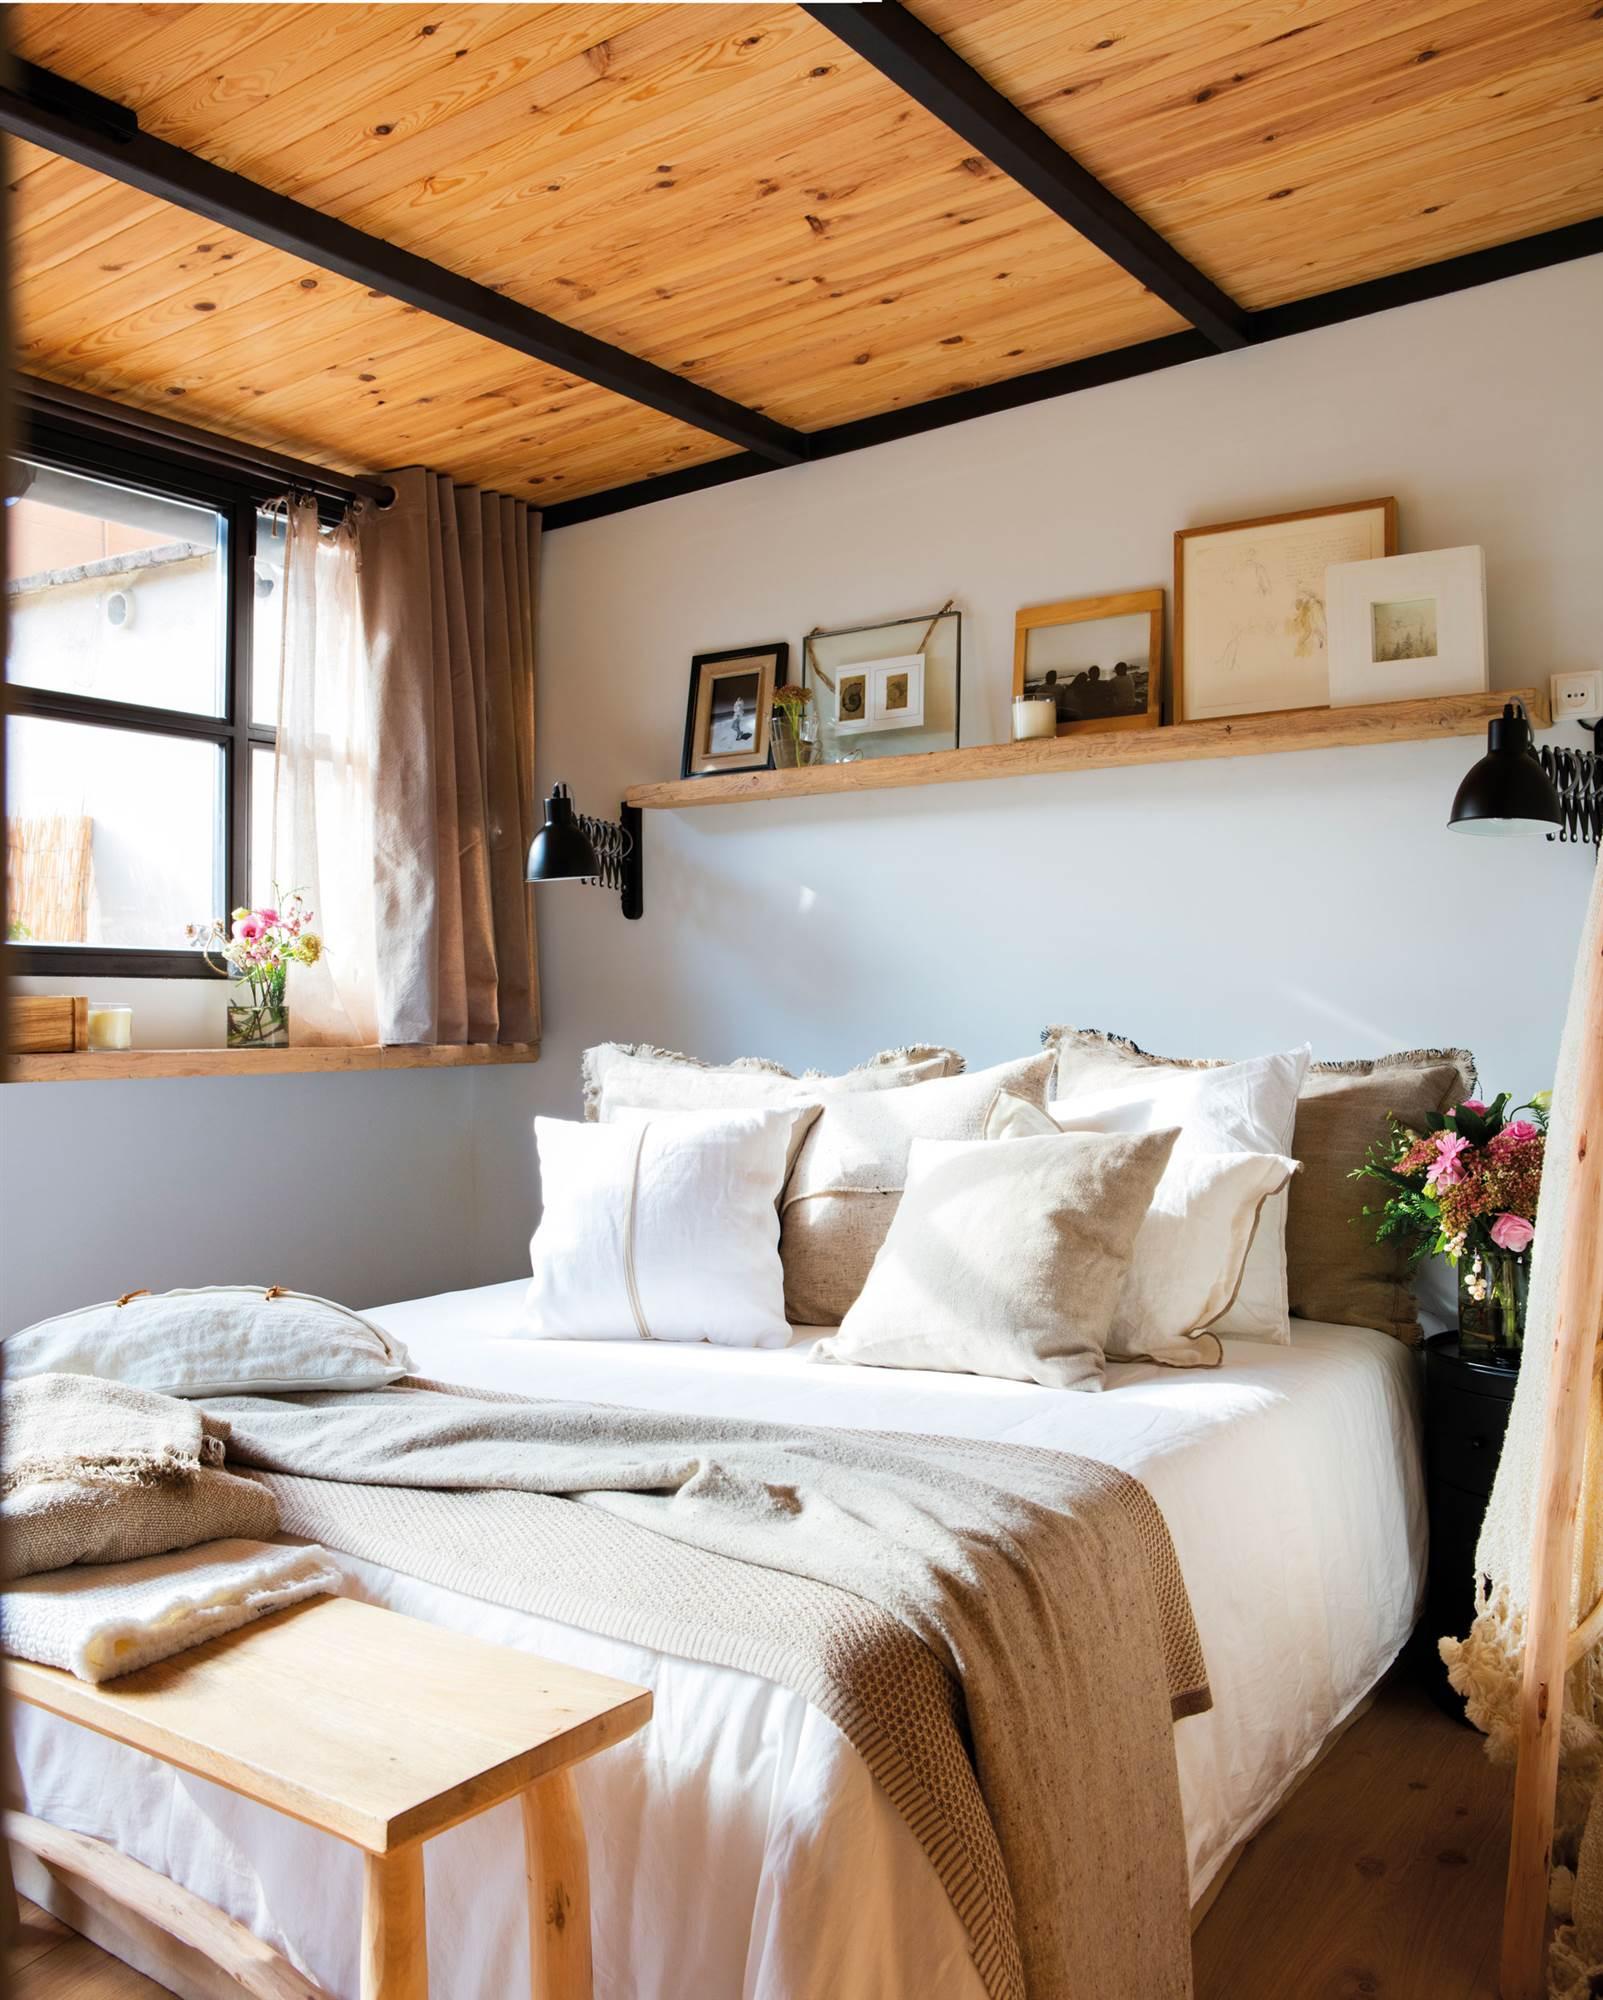 2709 Fotos de Dormitorios